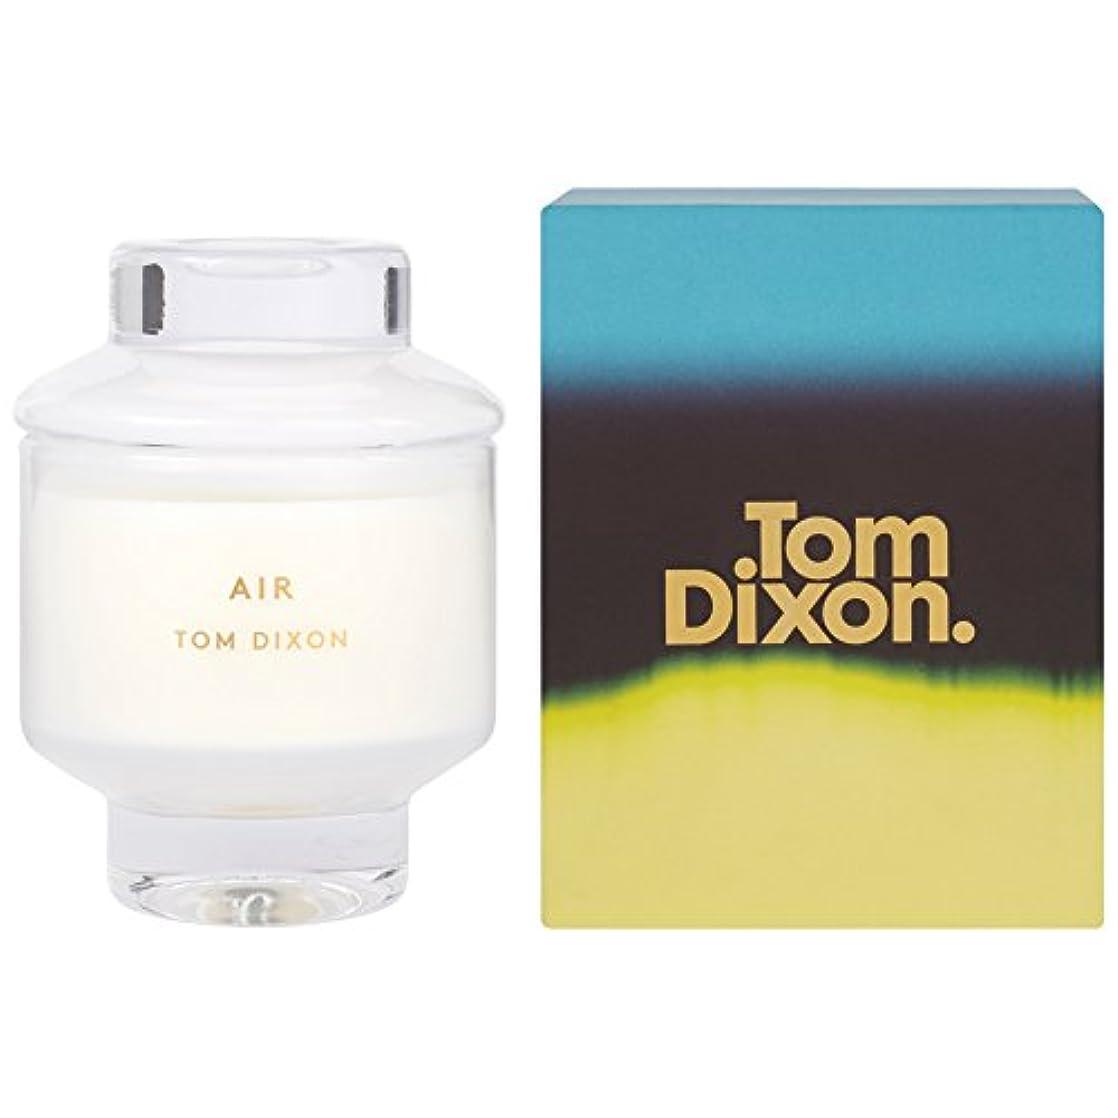 Tom Dixon Air Scented Candle Medium - トム?ディクソン空気の香りのキャンドル媒体 [並行輸入品]